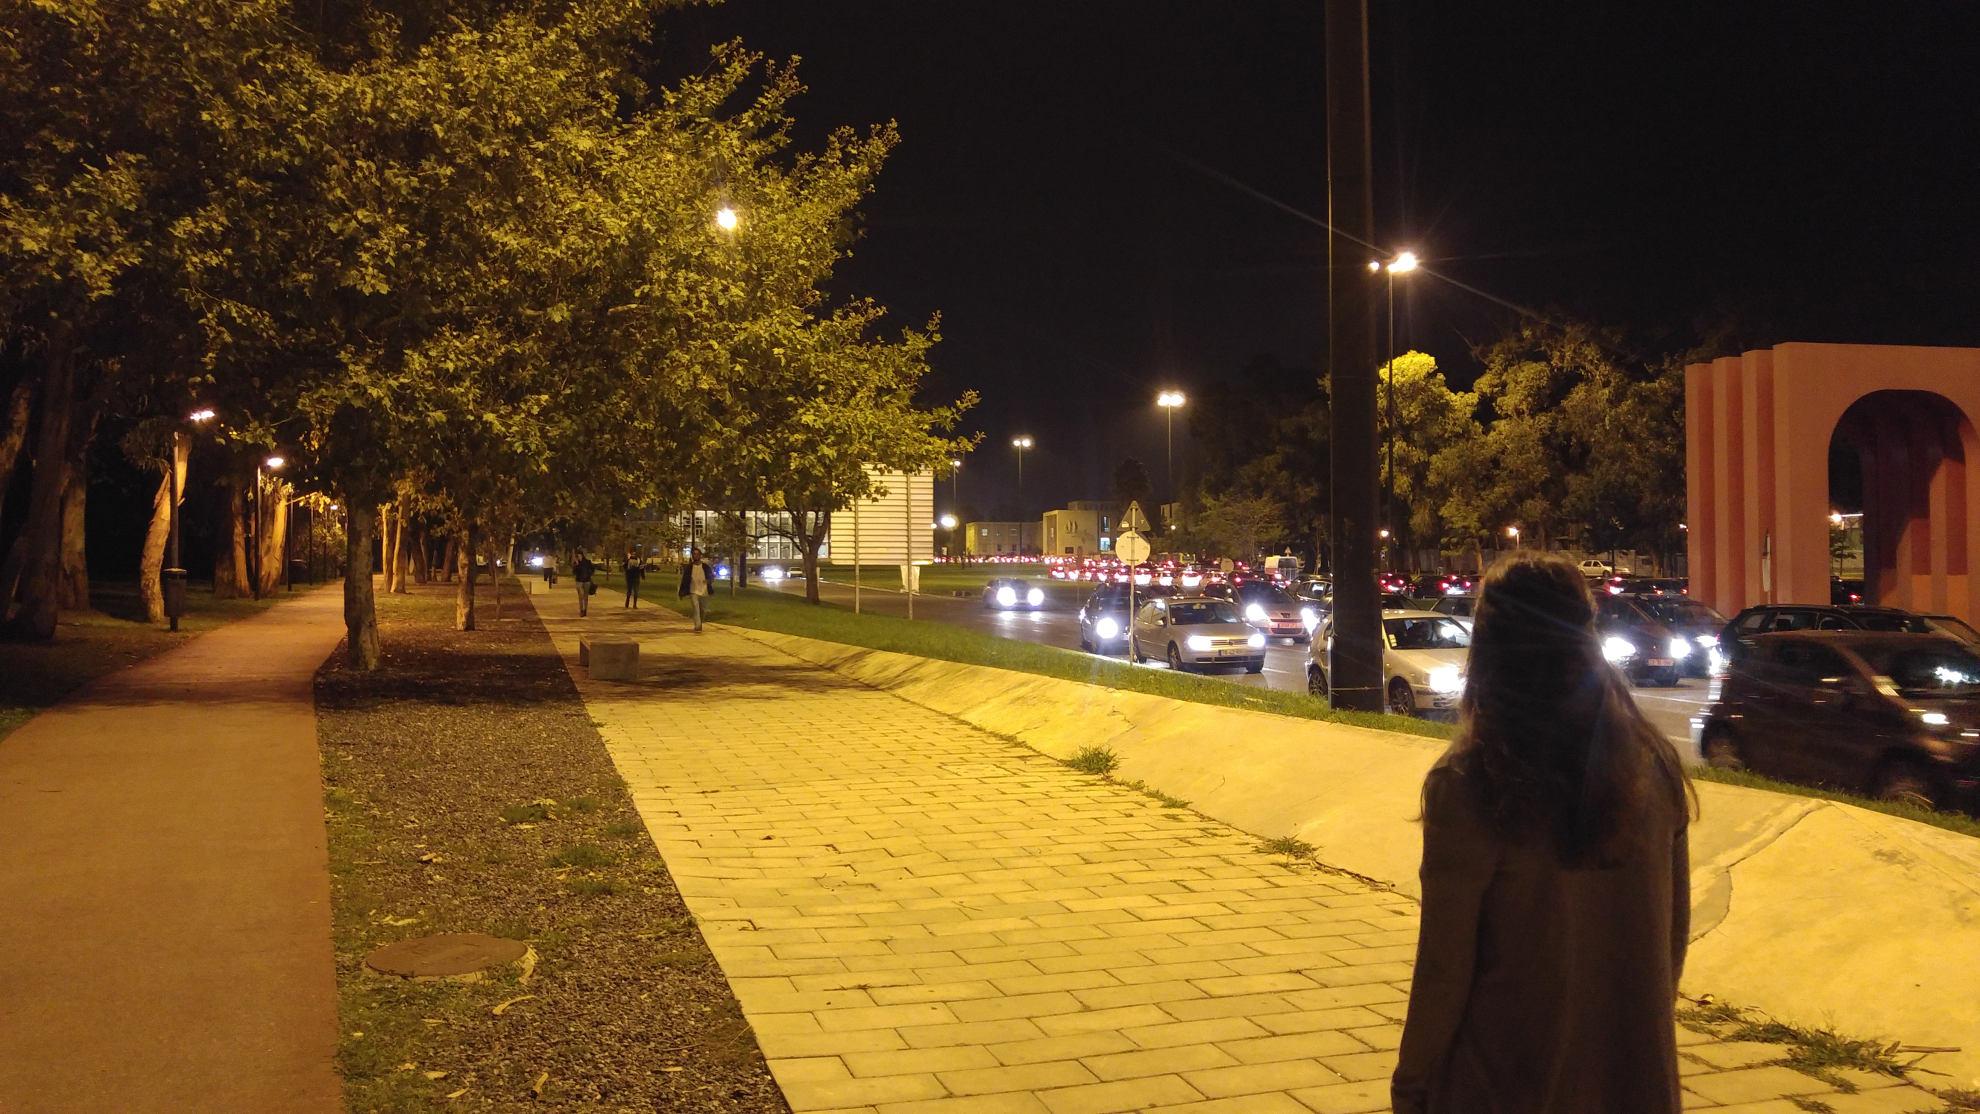 LG G4 foto noite